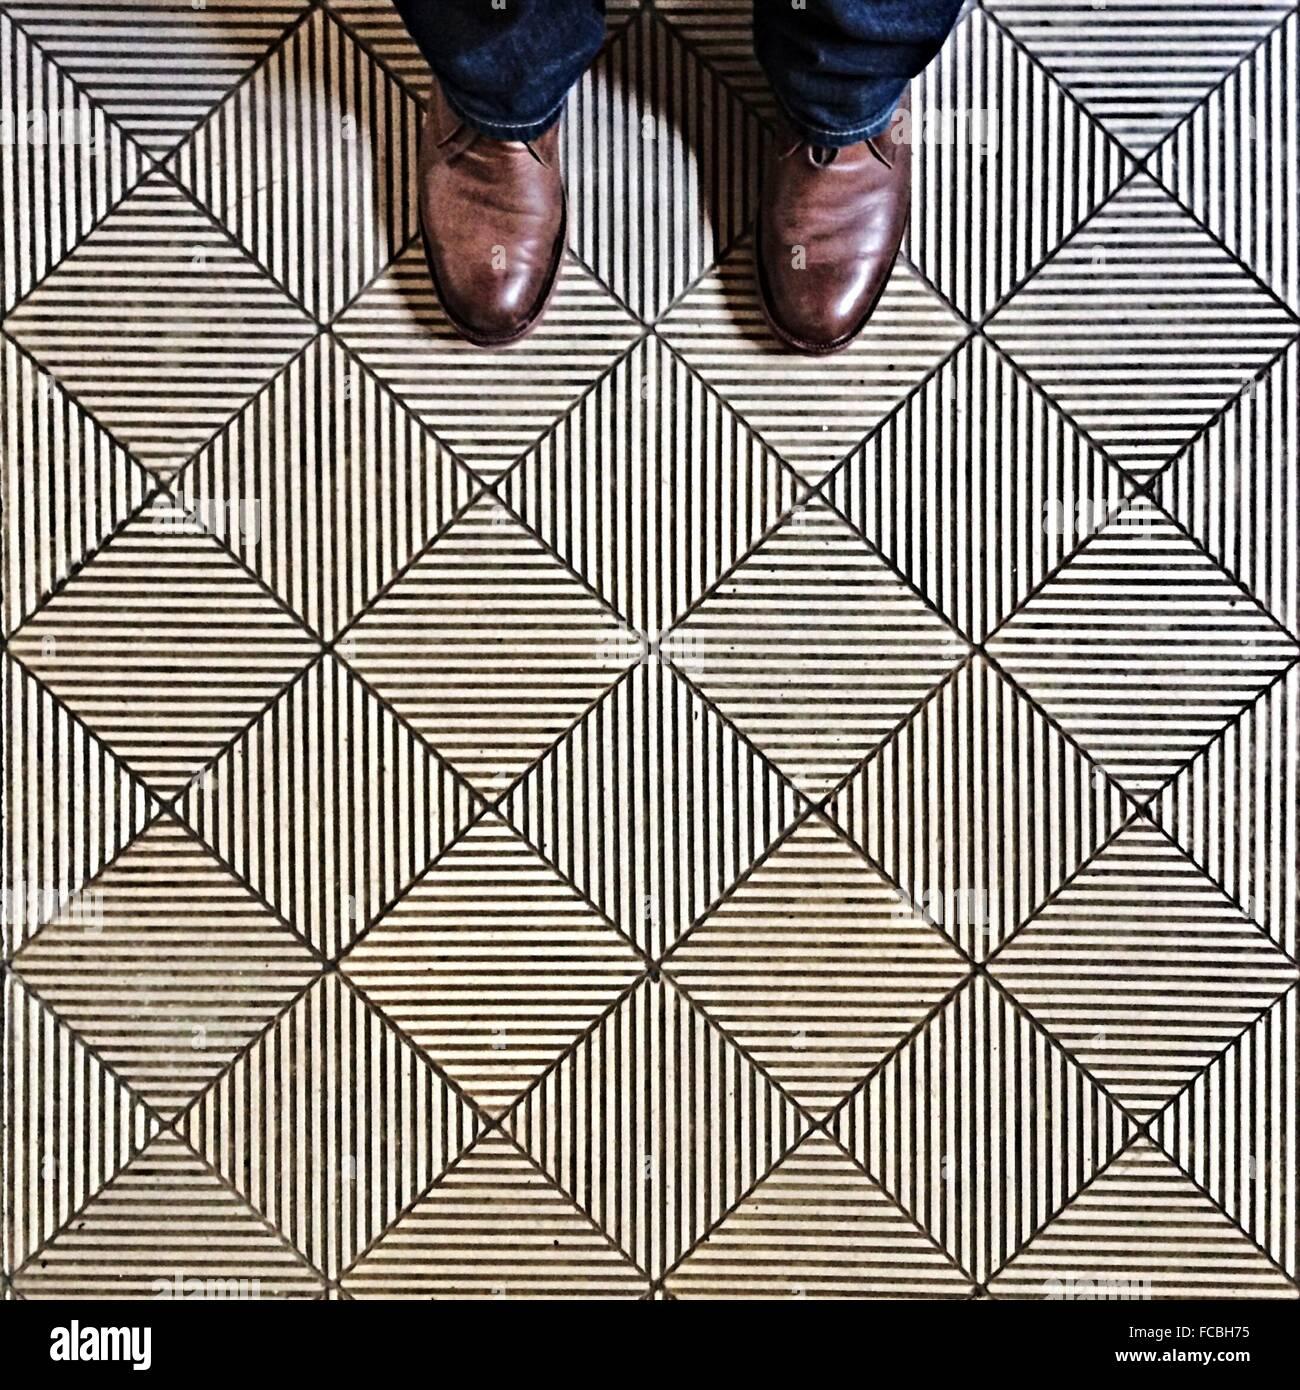 L'uomo con i piedi sul pavimento Immagini Stock